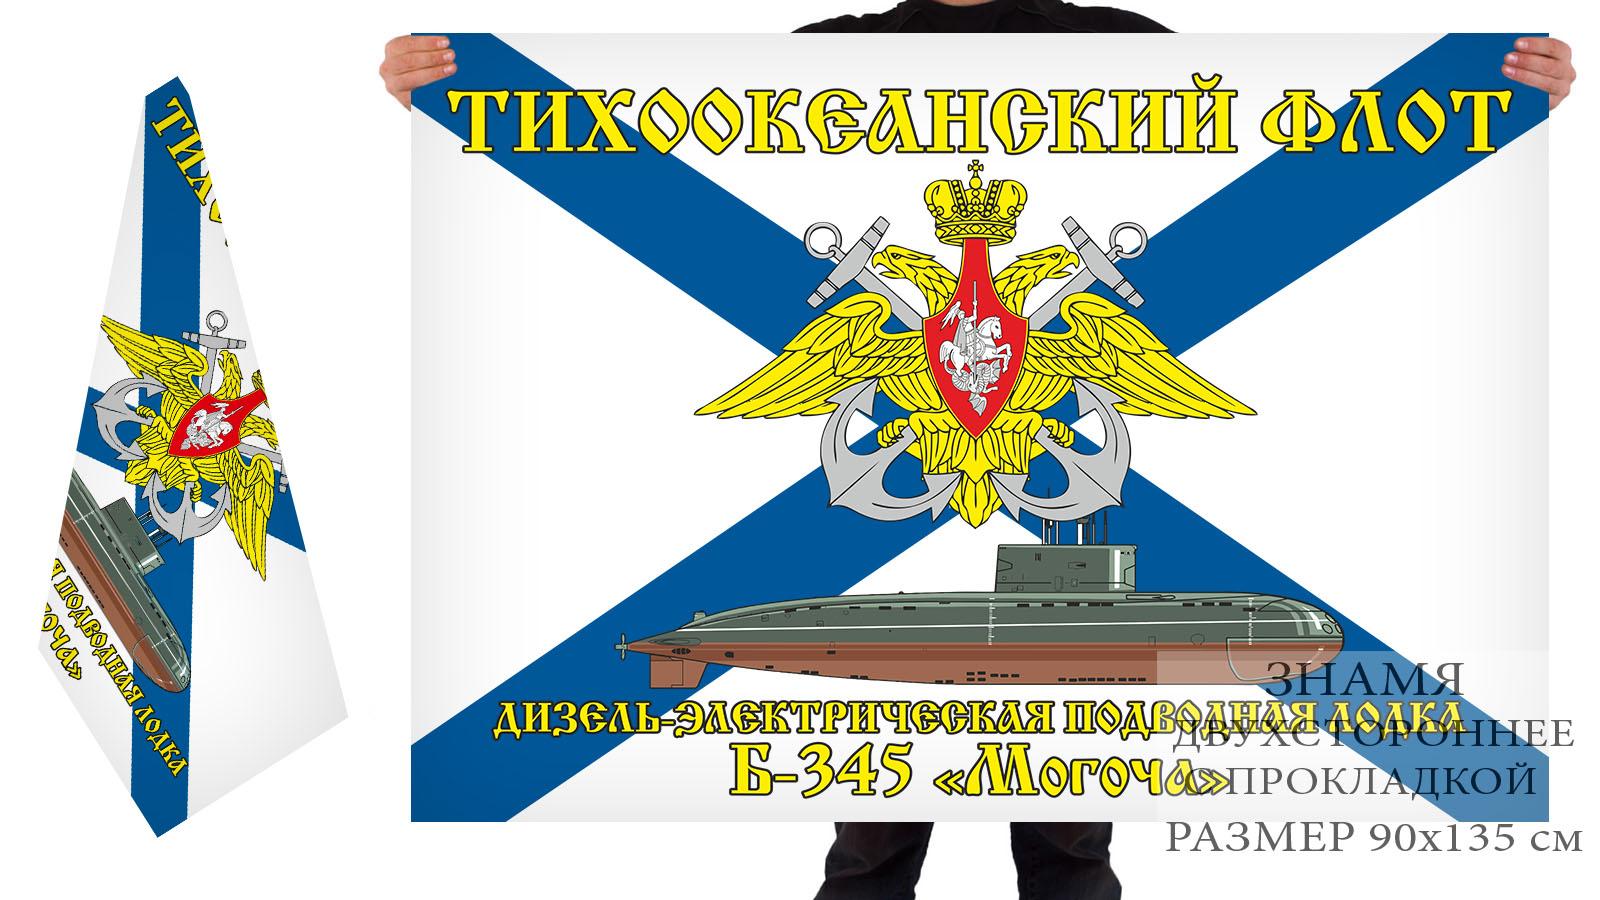 Двусторонний флаг ДЭПЛ Б 345 Могоча